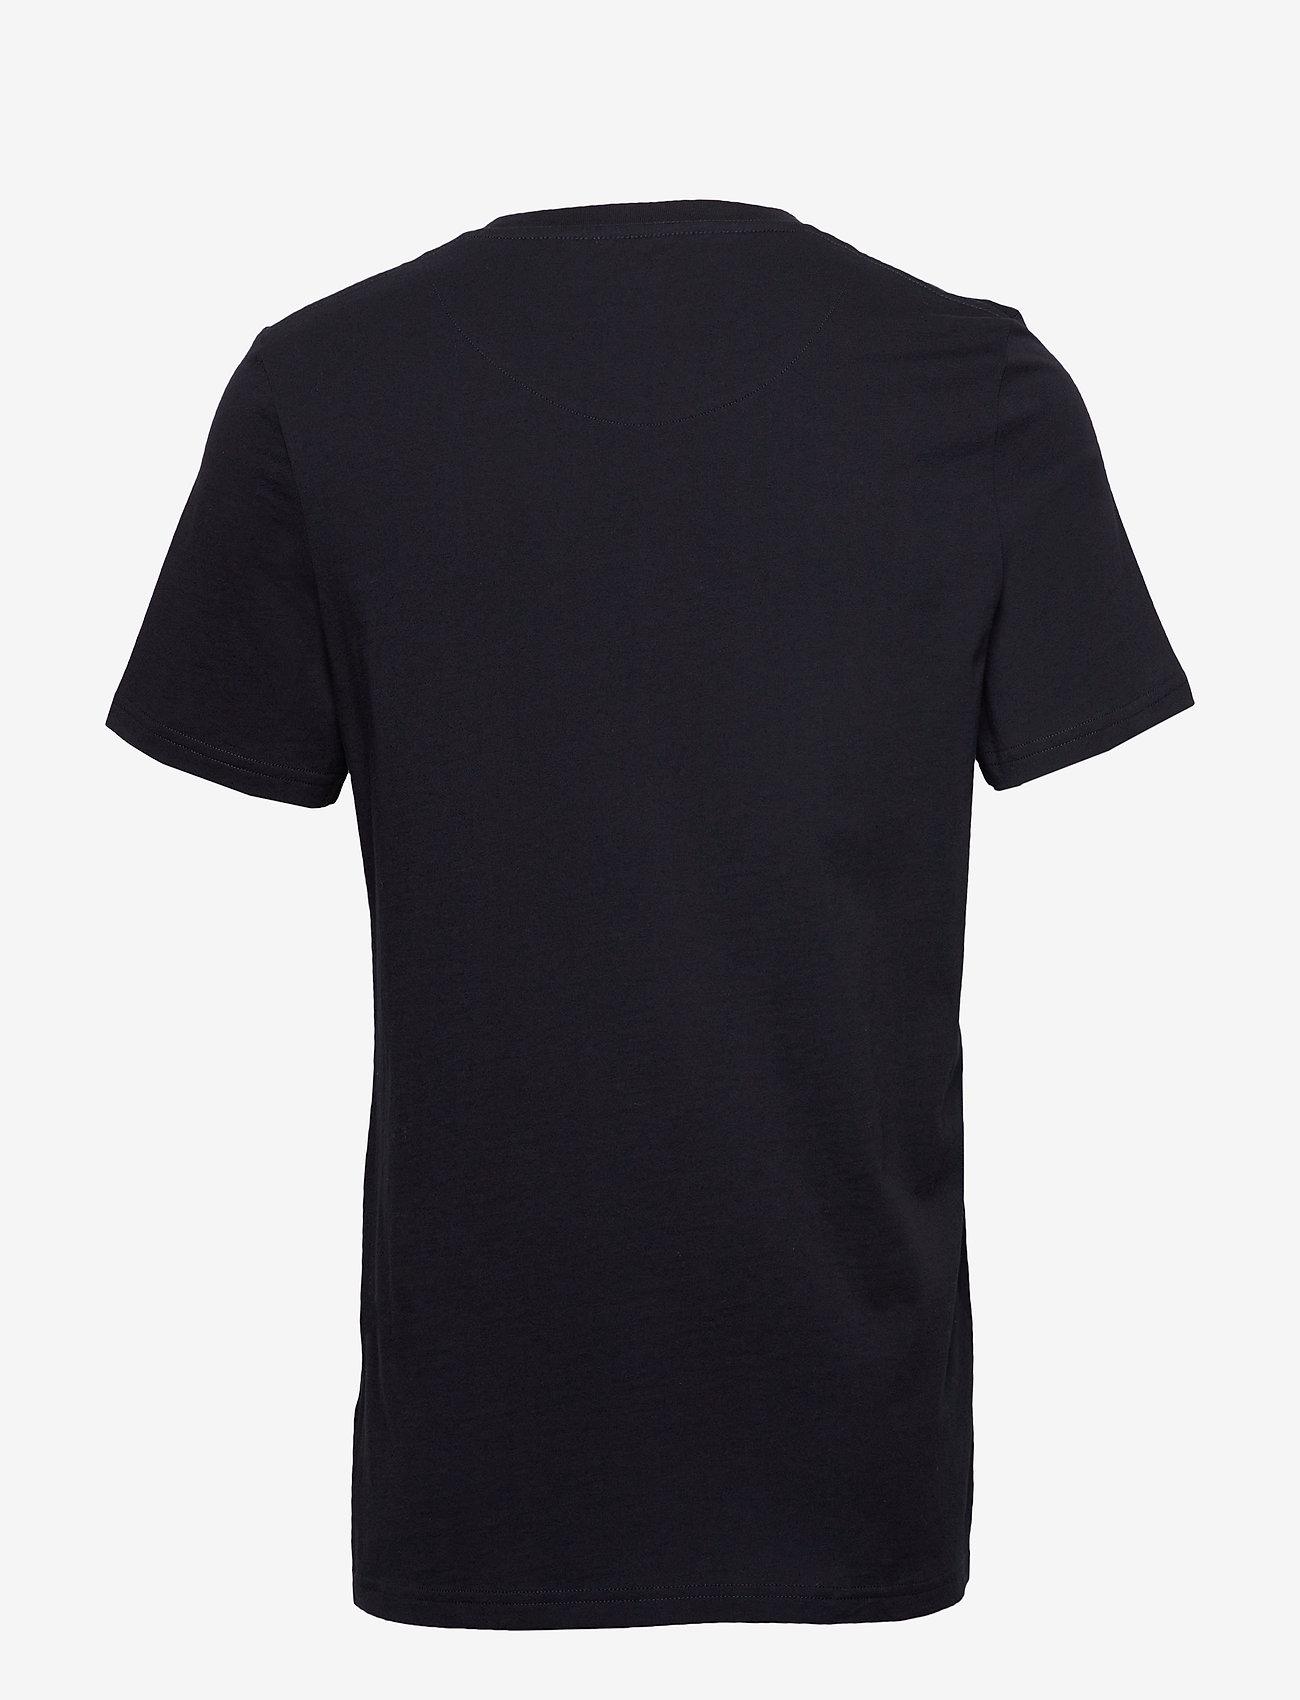 Morristahaa Tee - T-shirts